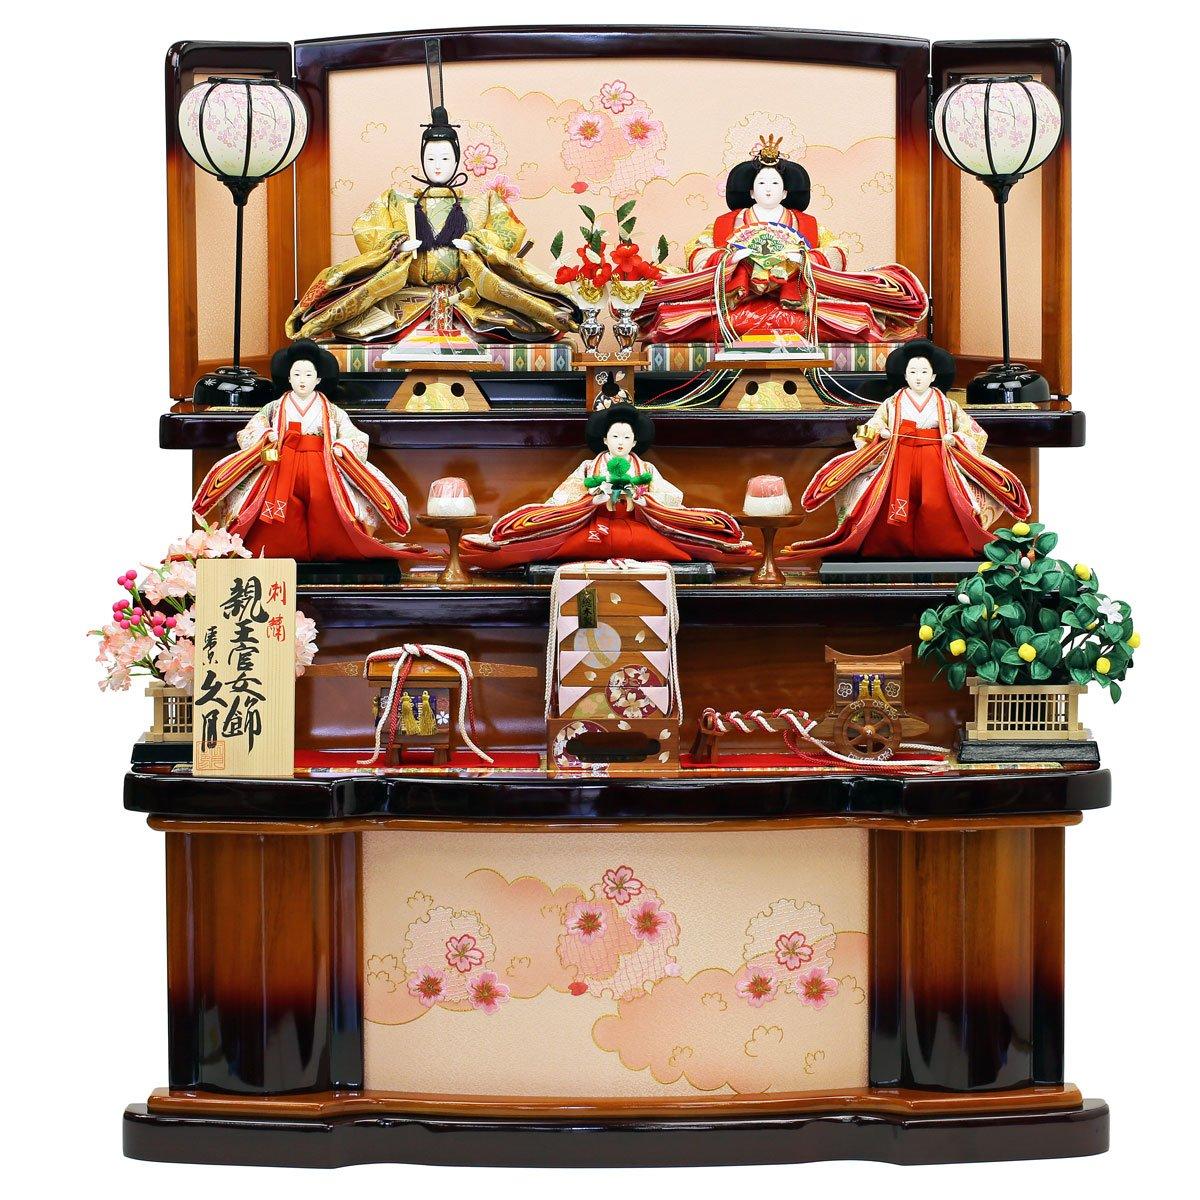 雛人形 ひな人形 久月 人形の久月 限定オリジナル 三段飾り 五人飾り 十二単雛人形 「久月 親王官女飾り」 ひな祭り 初節句   B01ARBQKQ4